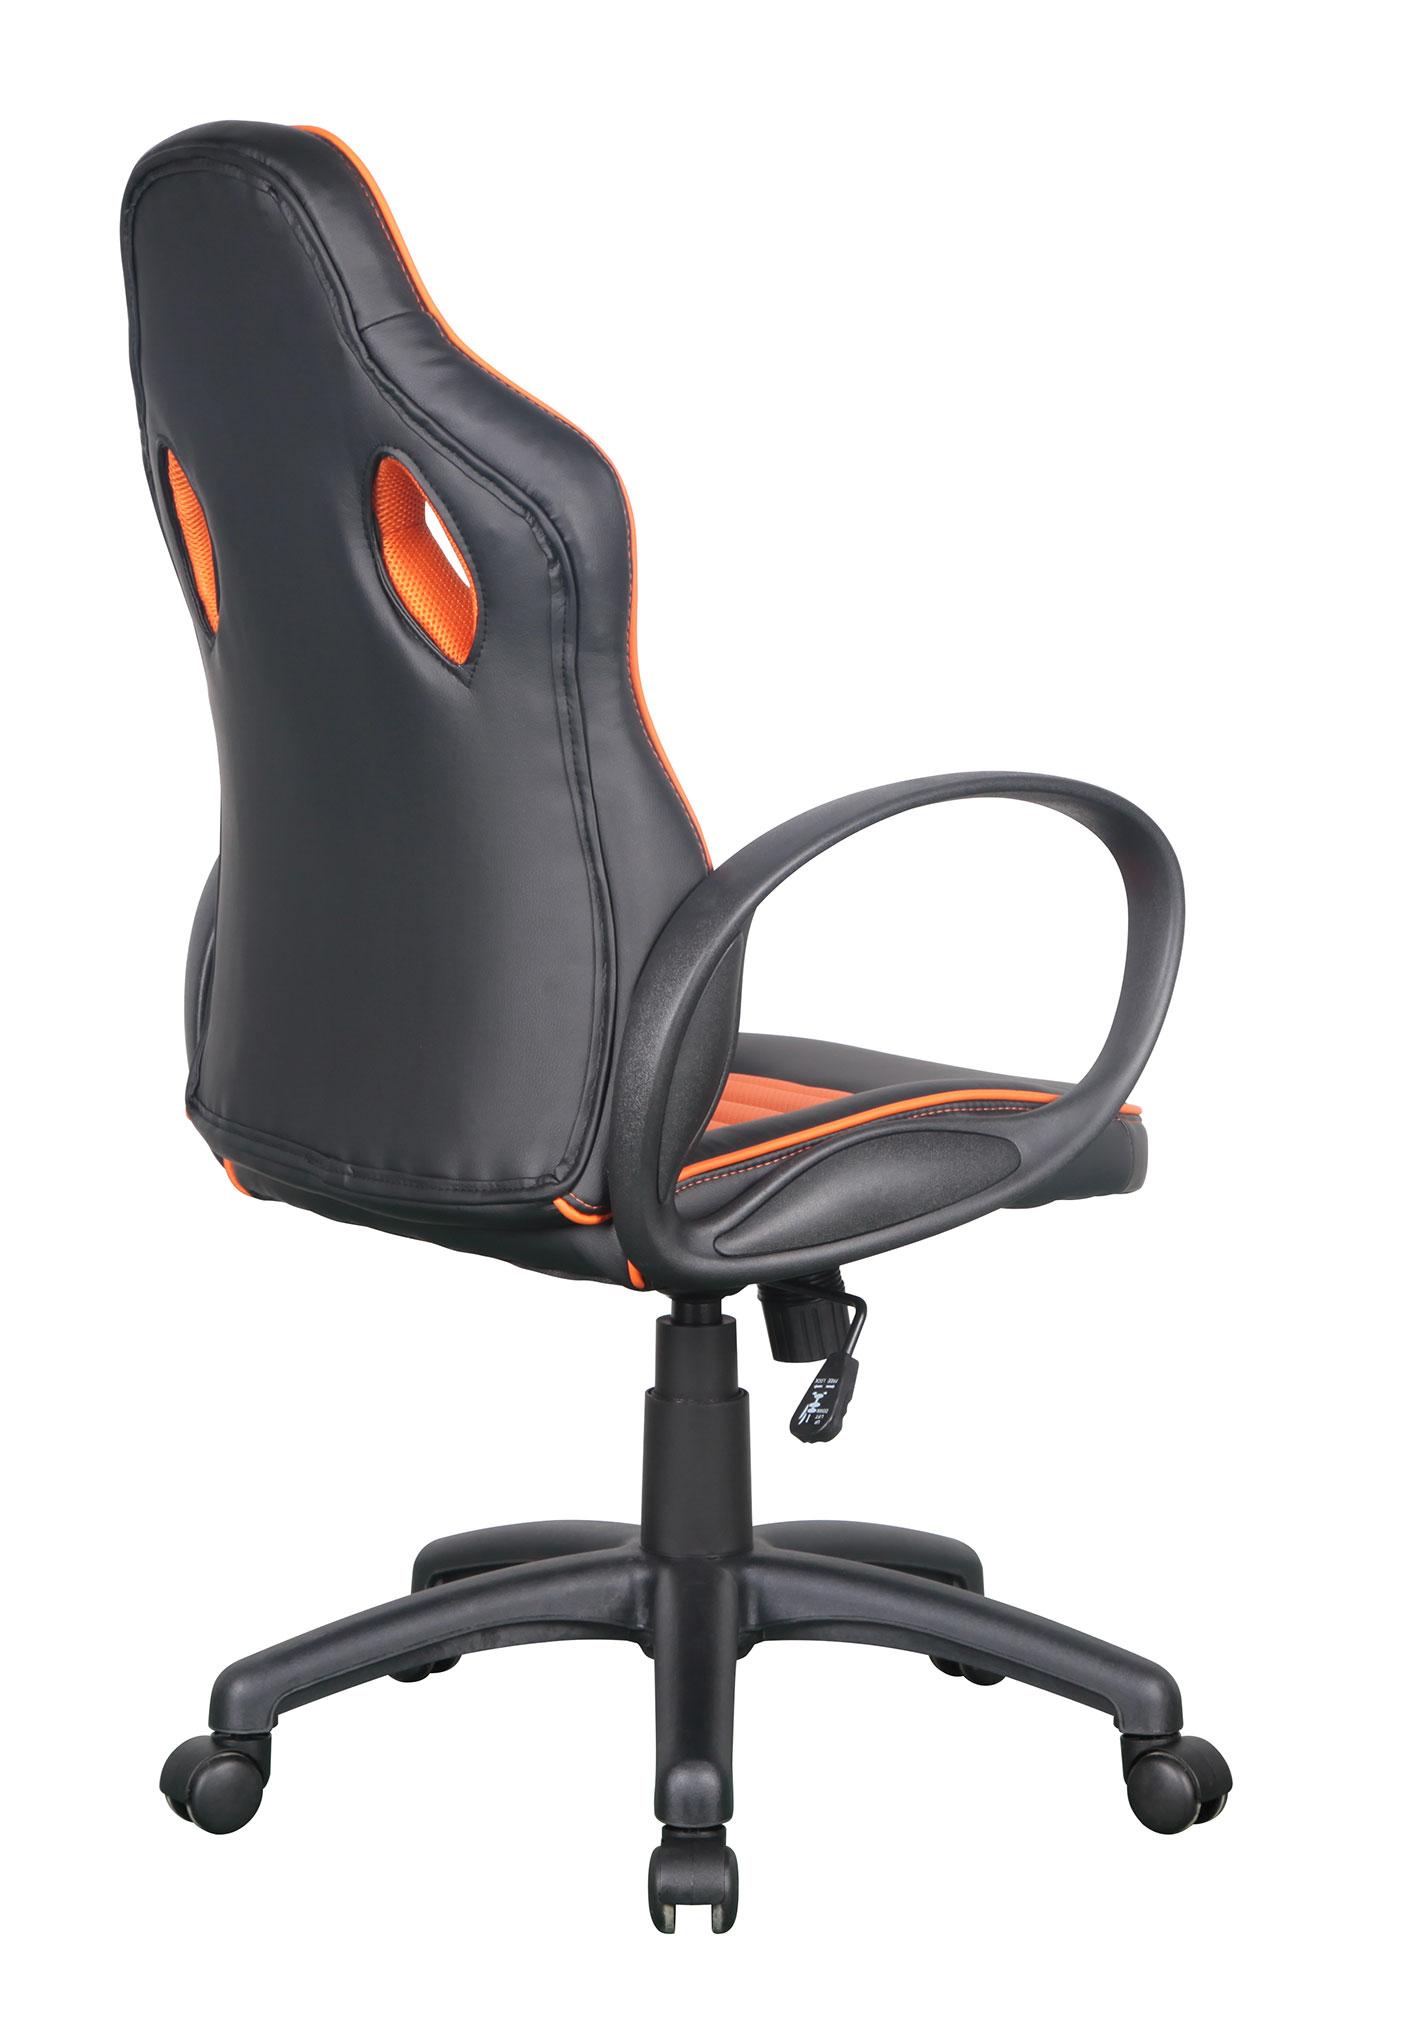 Sixbros racing silla de oficina silla giratoria for Modelos de sillas para oficina